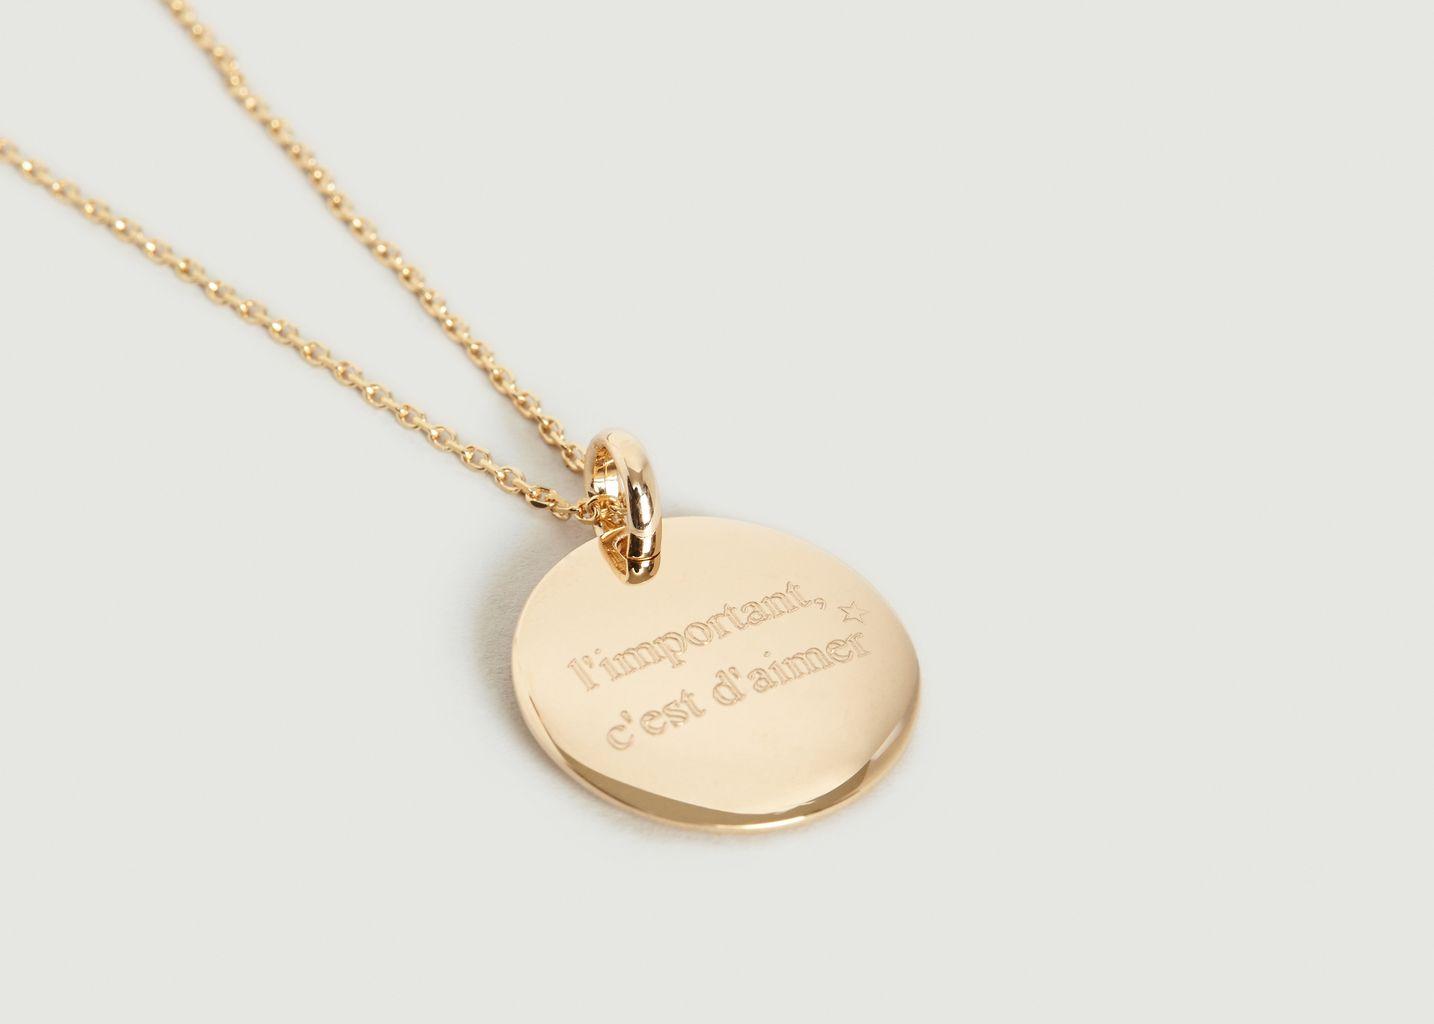 Collier Médaille L'Important C'est d'Aimer - Nouvel Amour